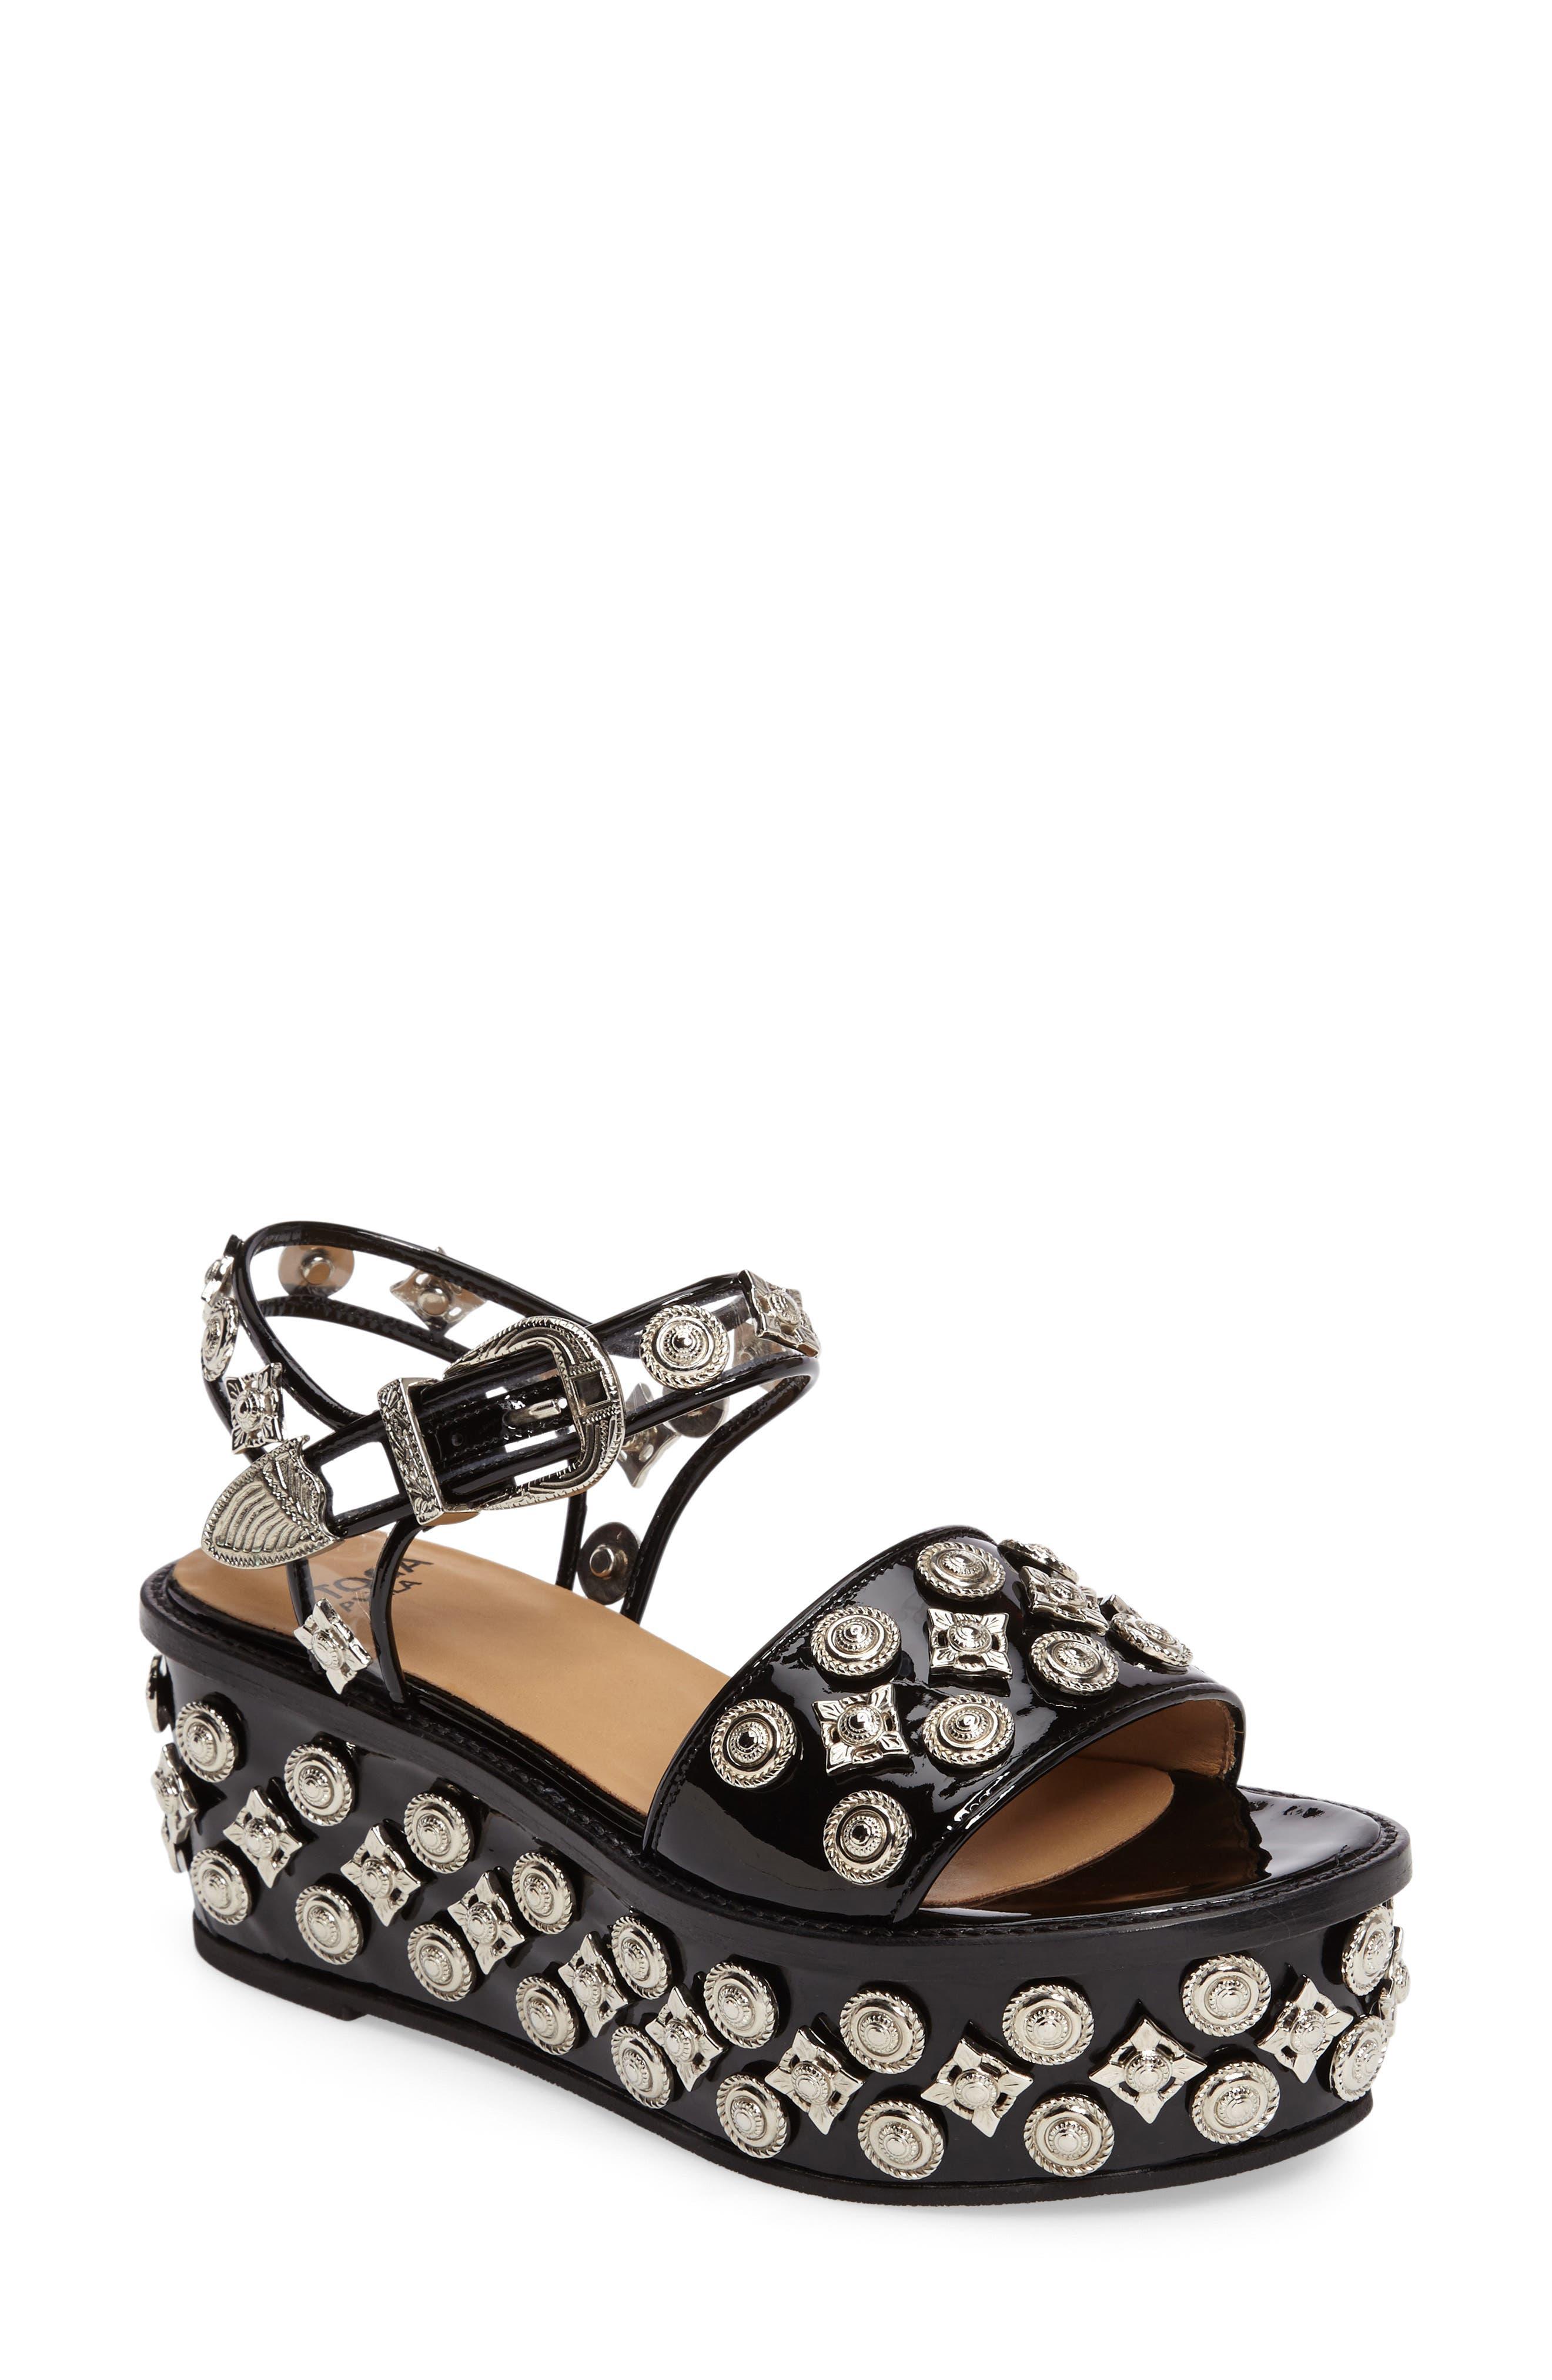 TOGA PULLA Embellished Platform Sandal